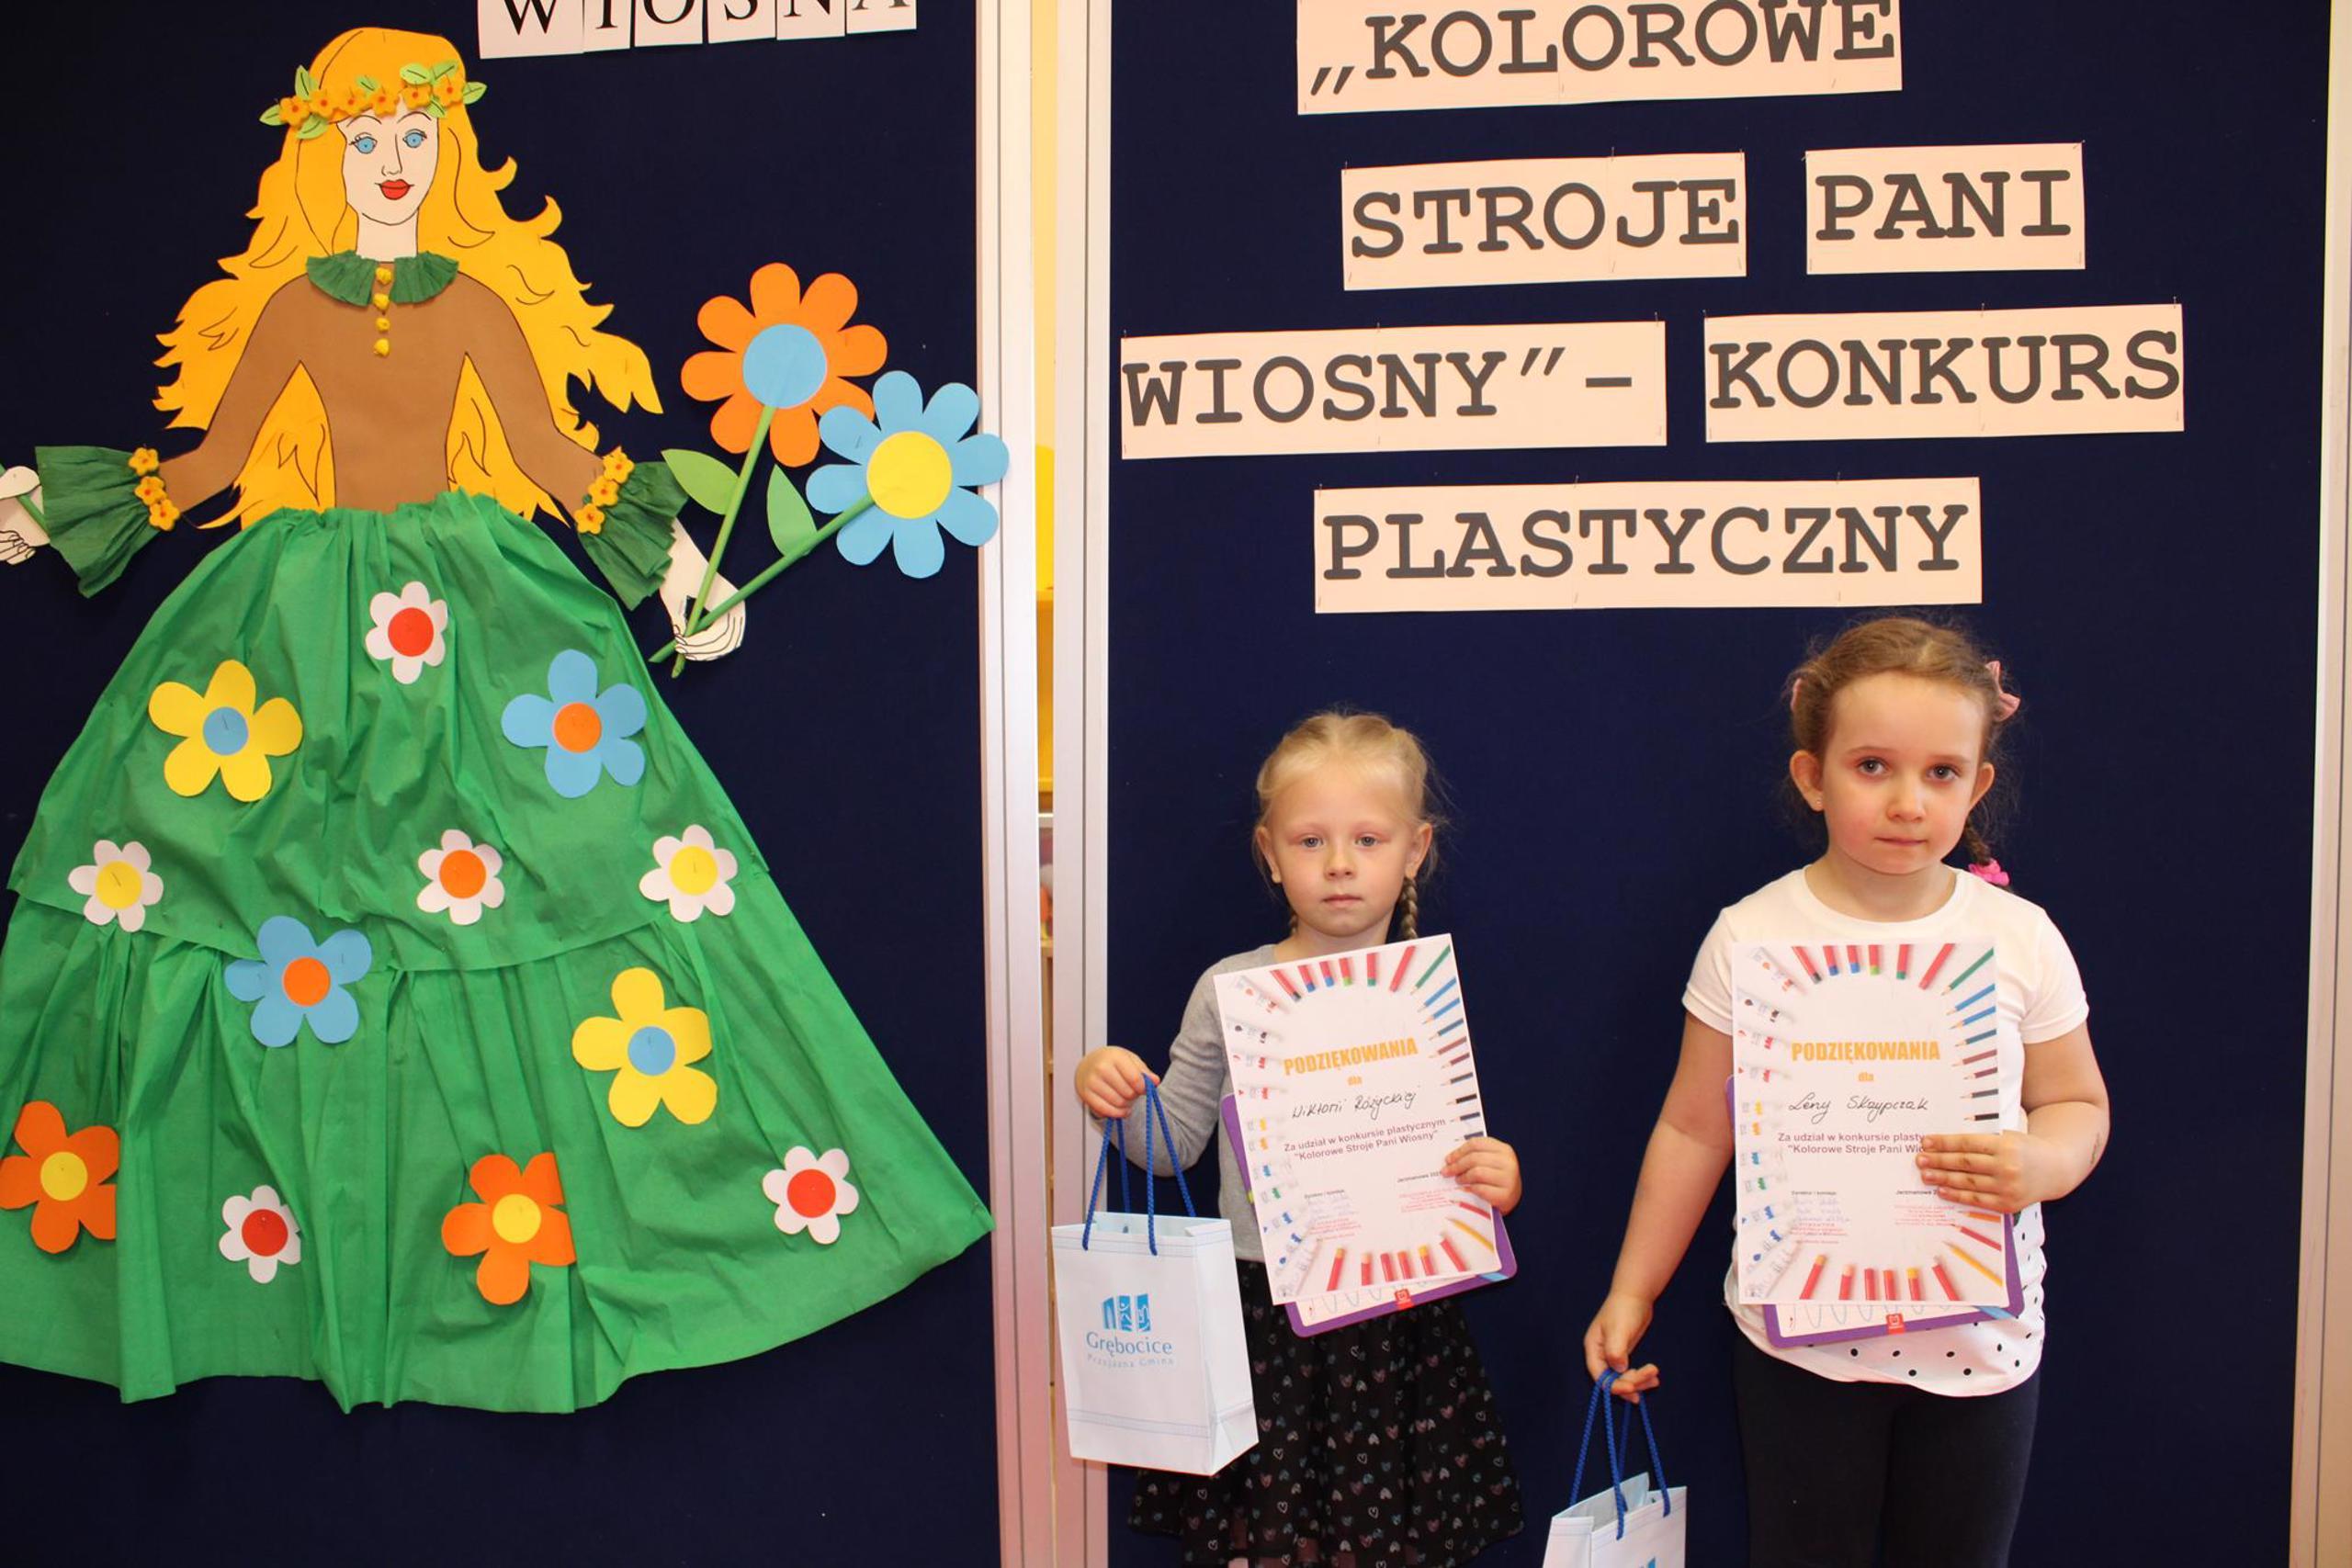 Dziewczynki z nagrodą za udział w konkursie plastycznym